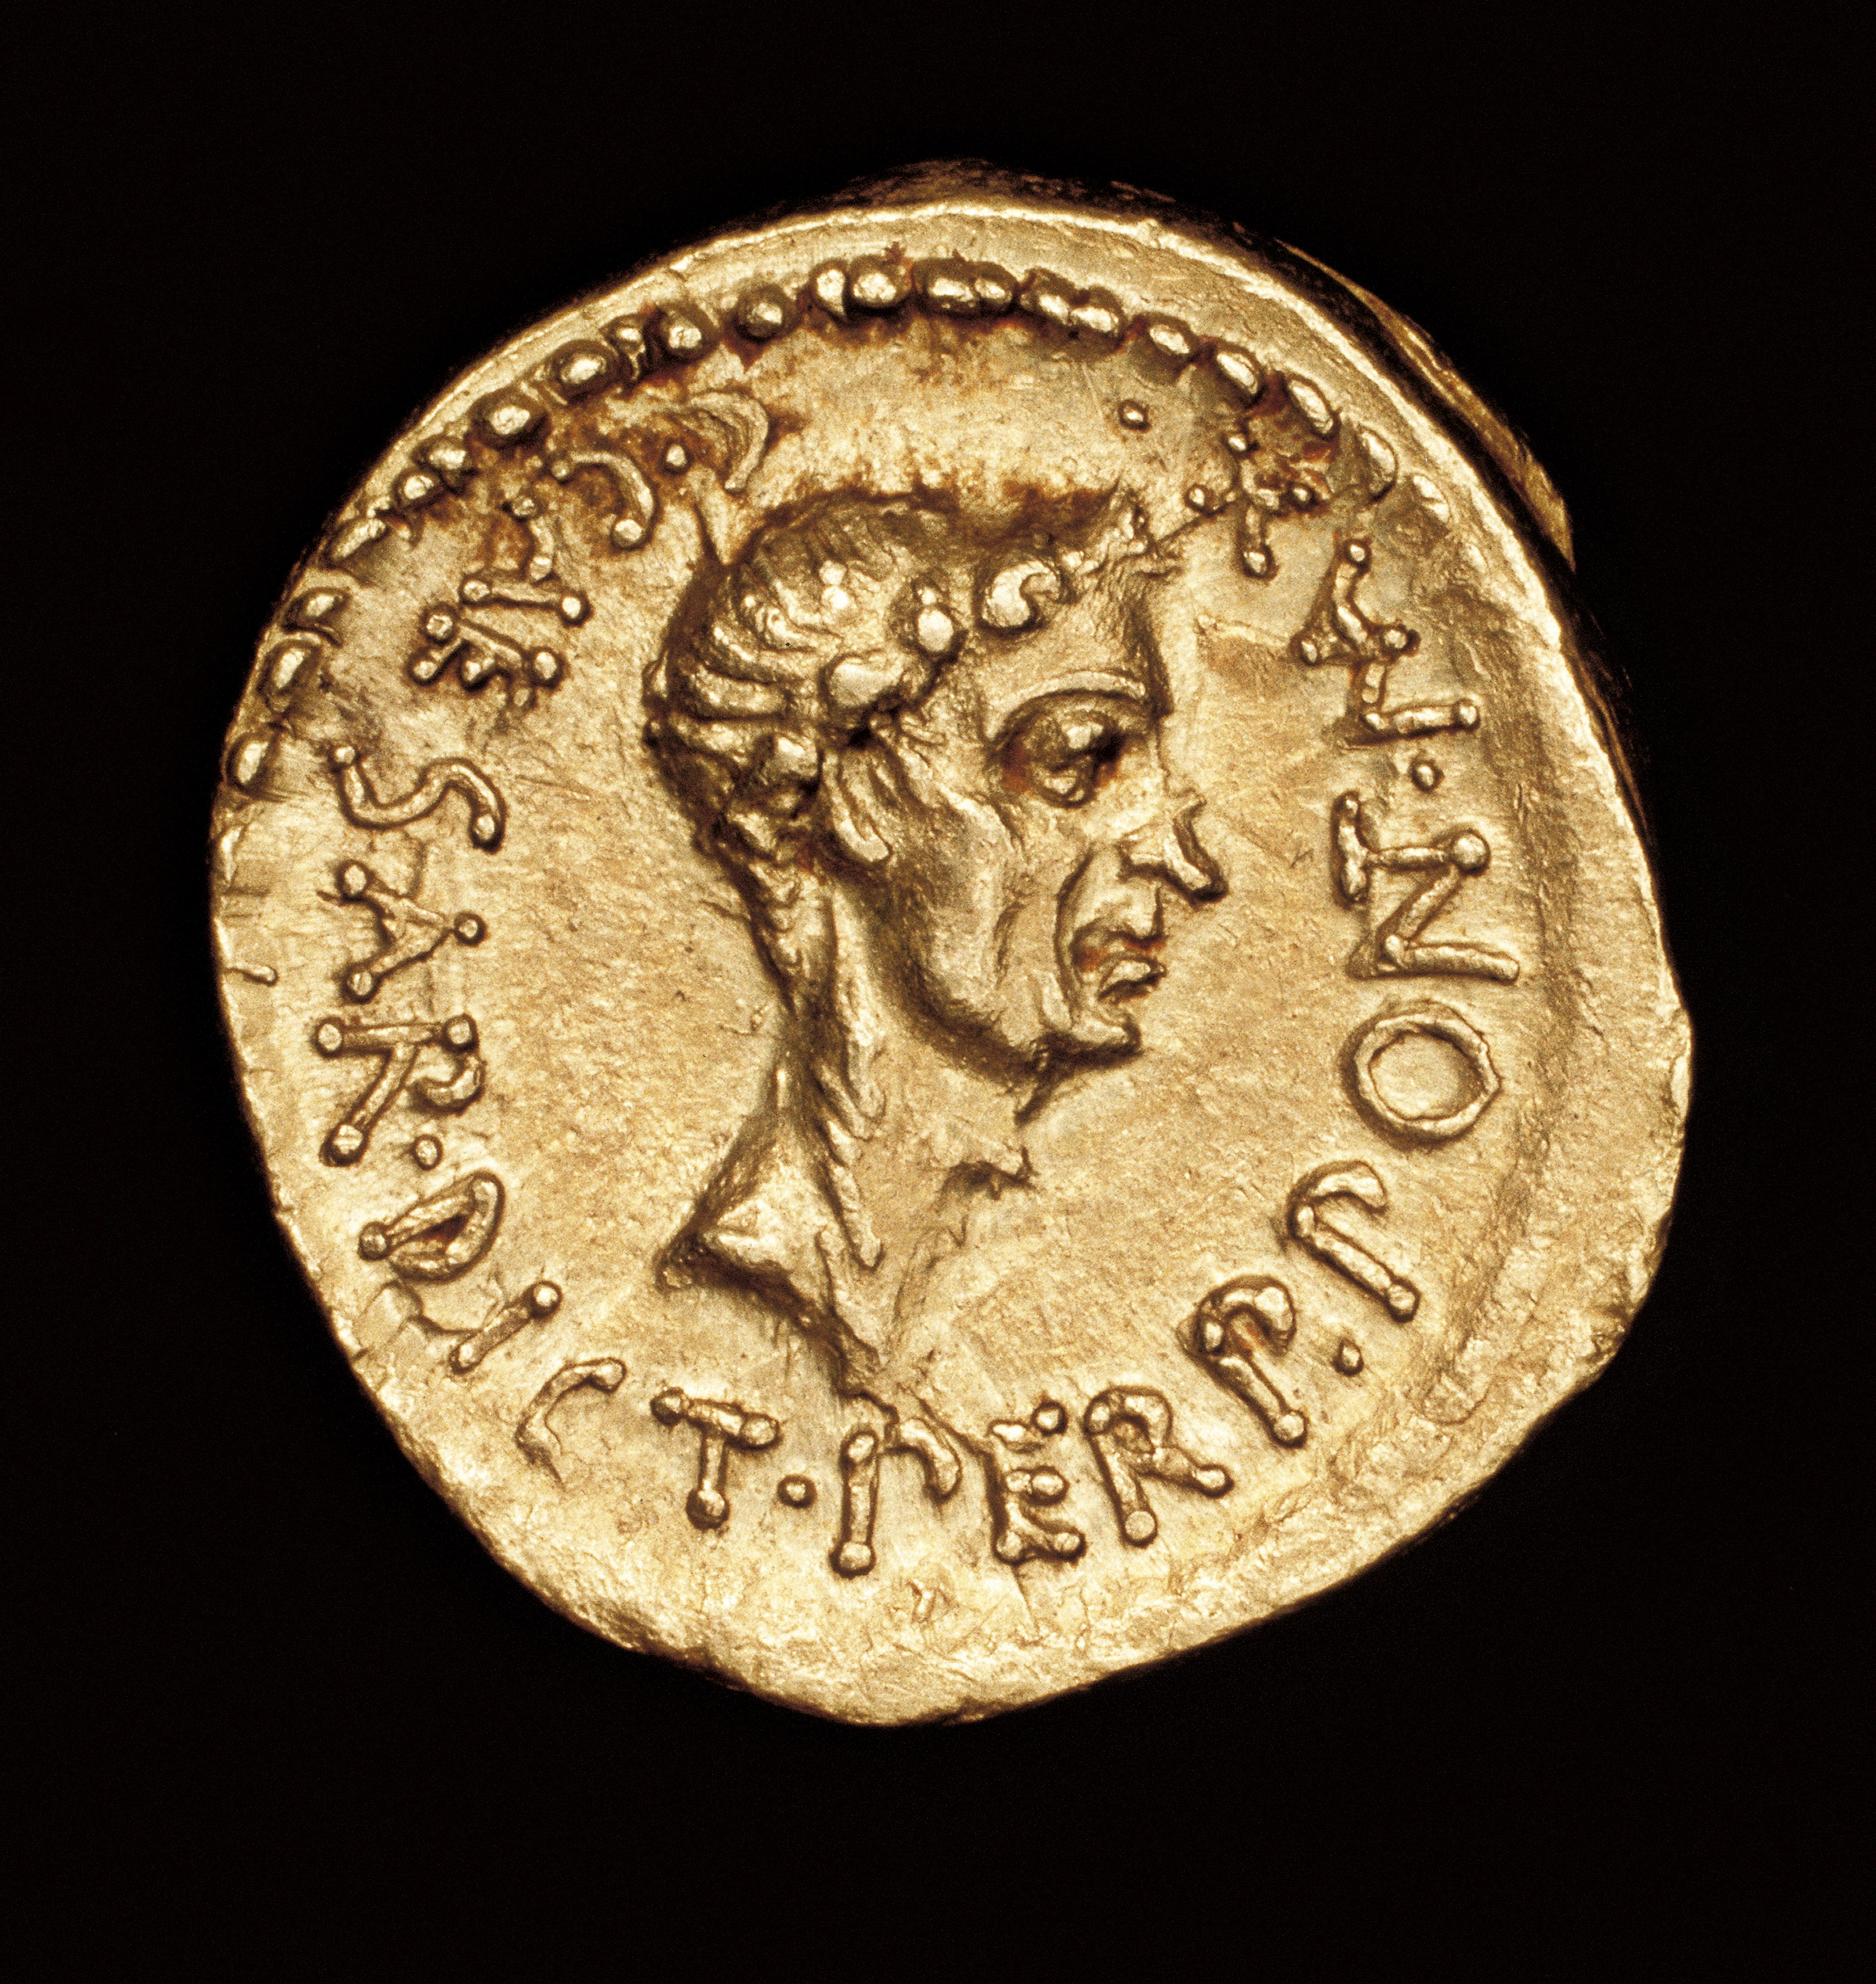 Rare Ancient Roman Coin, Roman Gold Aereus, Julius Caesar, c 43 BC, minted in Cisalpine Gaul.